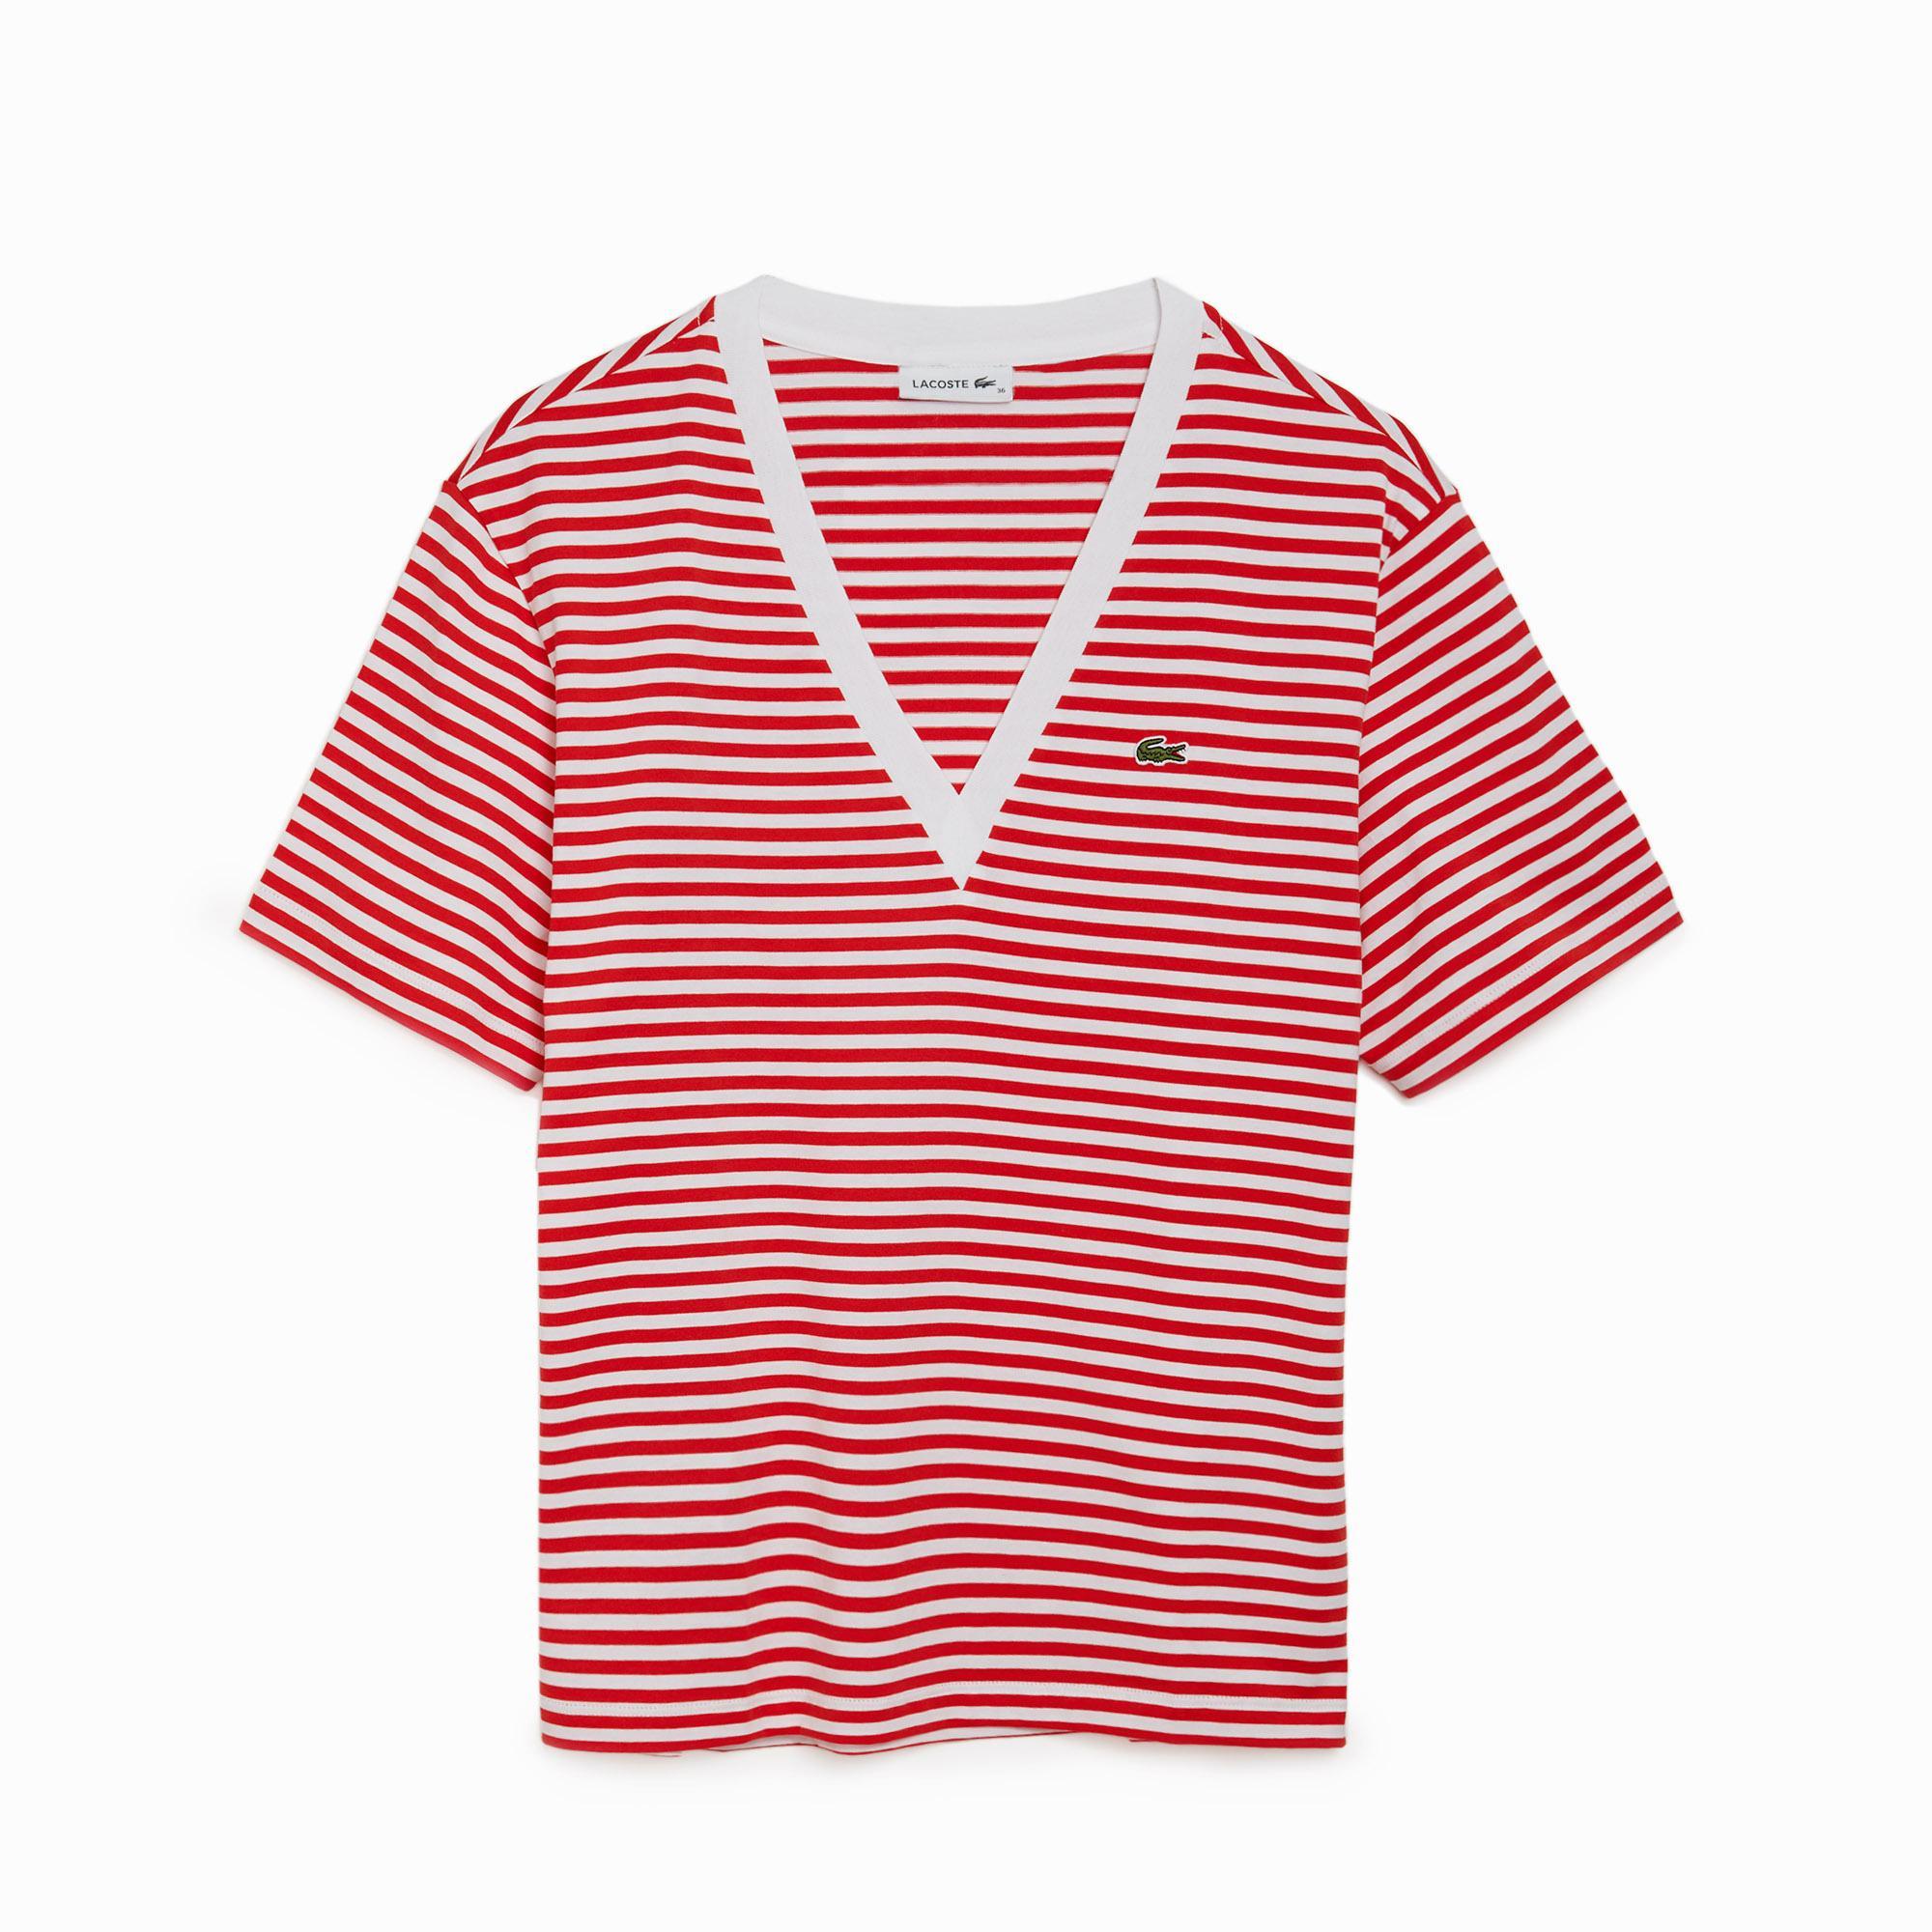 Lacoste Damska Bawełniany T-Shirt W Paski Z Dekoltem W Kształcie Litery V